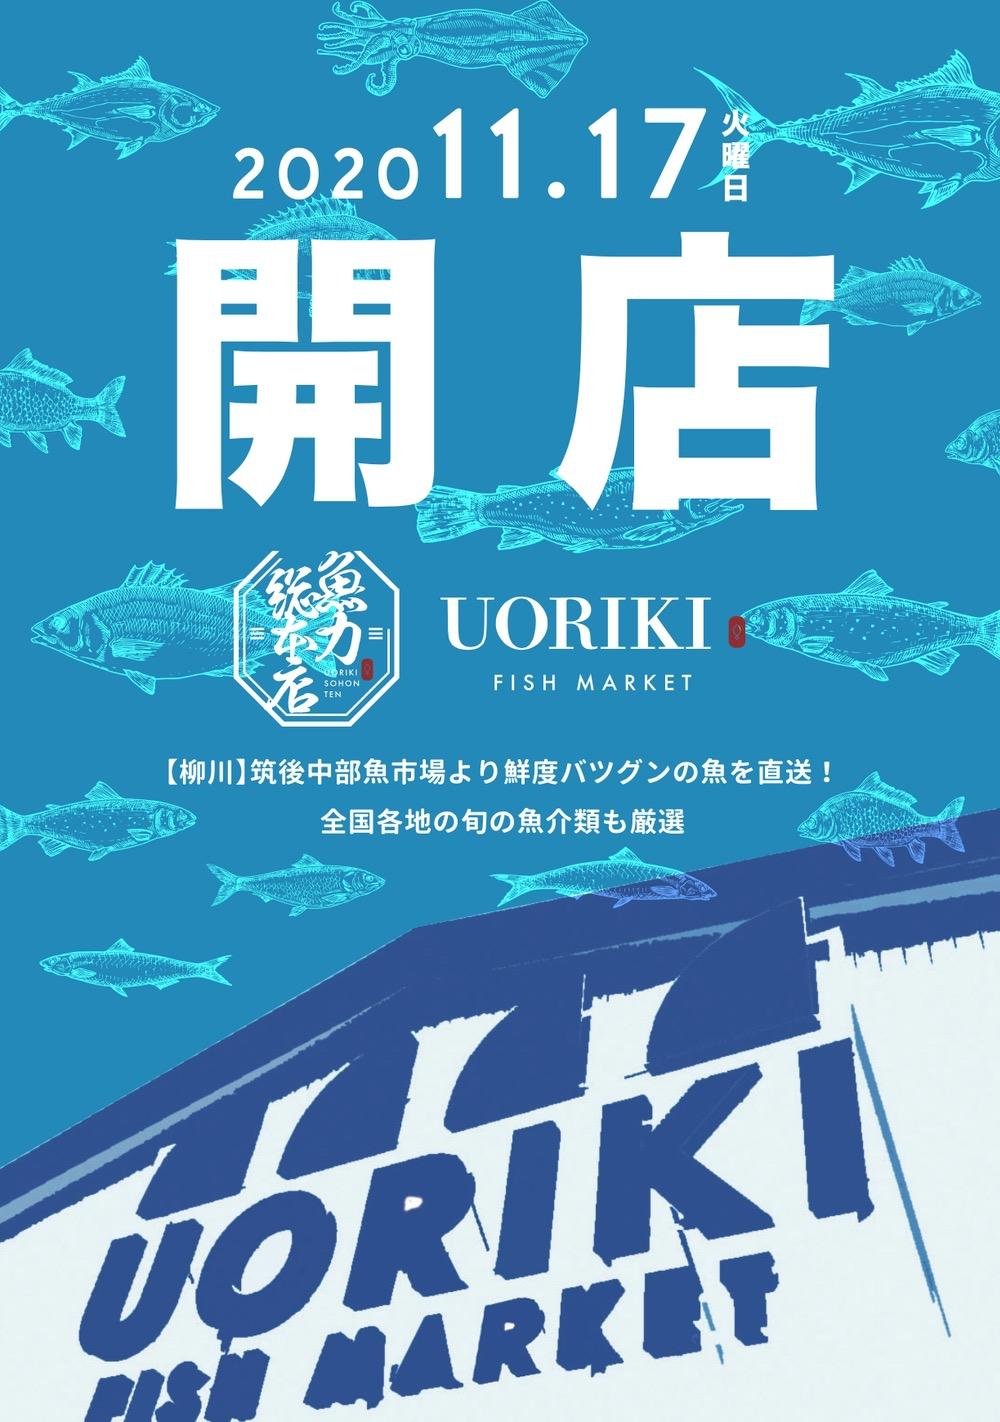 魚屋 UORIKI(うおりき)久留米市に11月17日オープン・開店